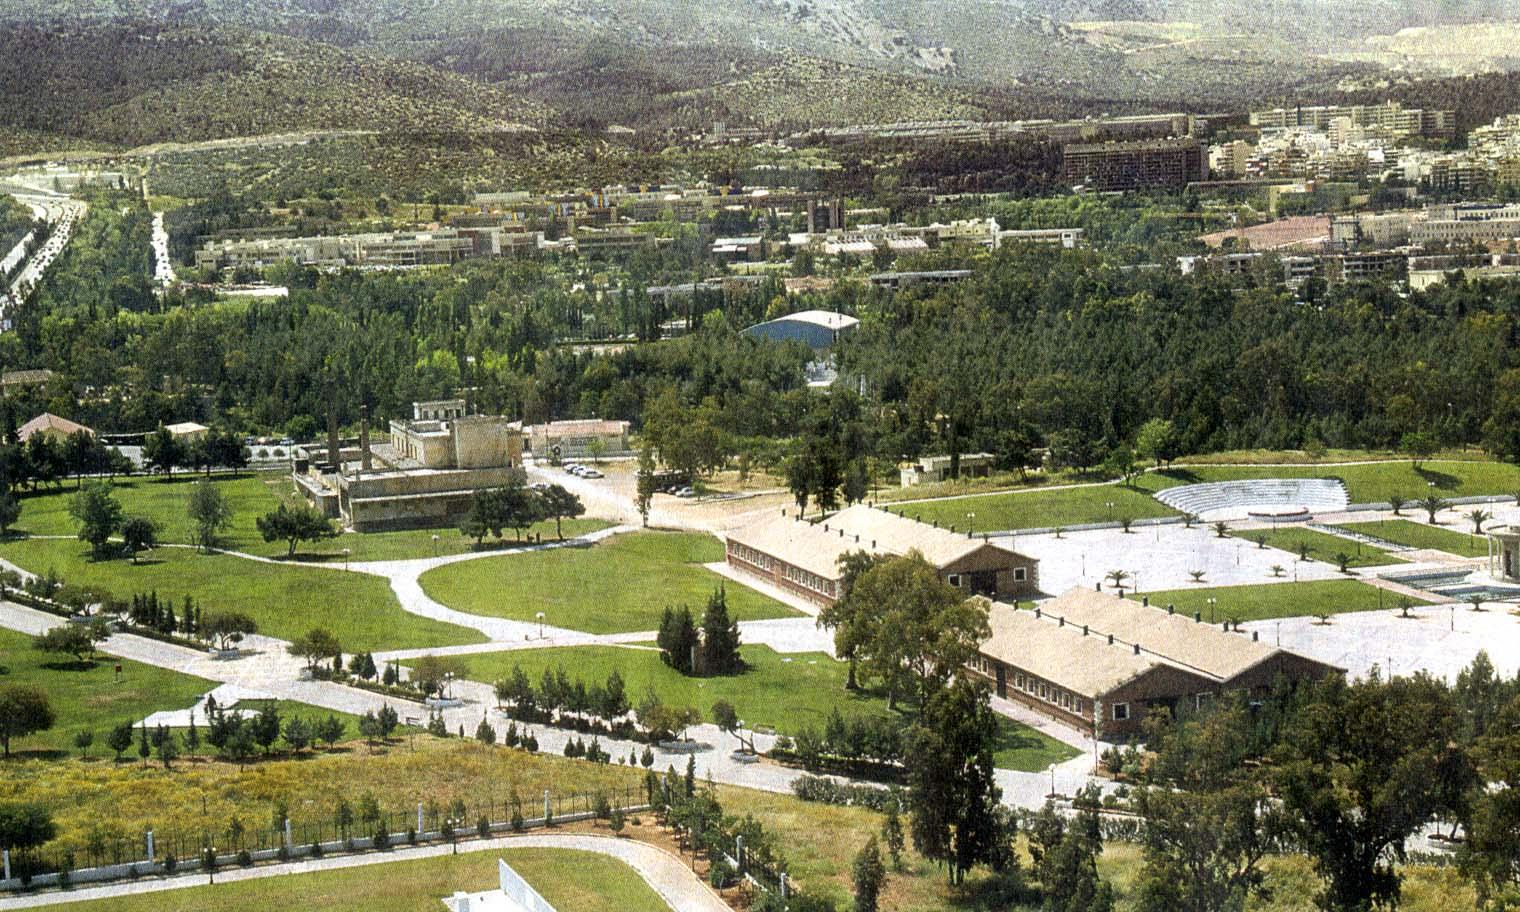 Κ. Χατζηδάκης: Πρωτοβουλίες για ένα νέο Πάρκο Γουδή